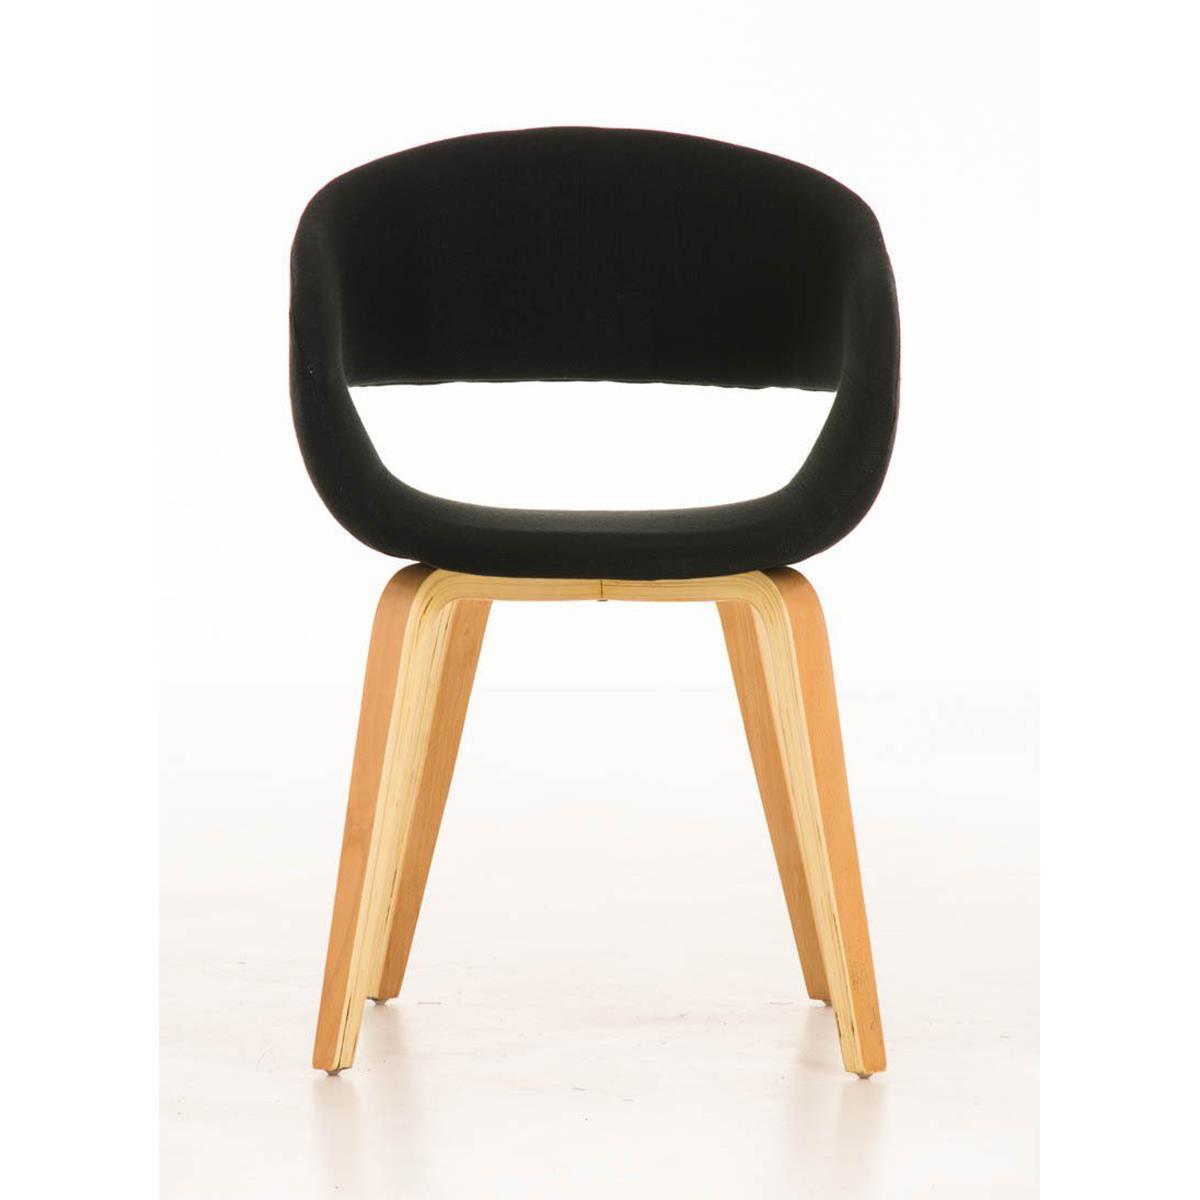 Silla de comedor gregory tapizada en tela color negro - Tela para sillas de comedor ...